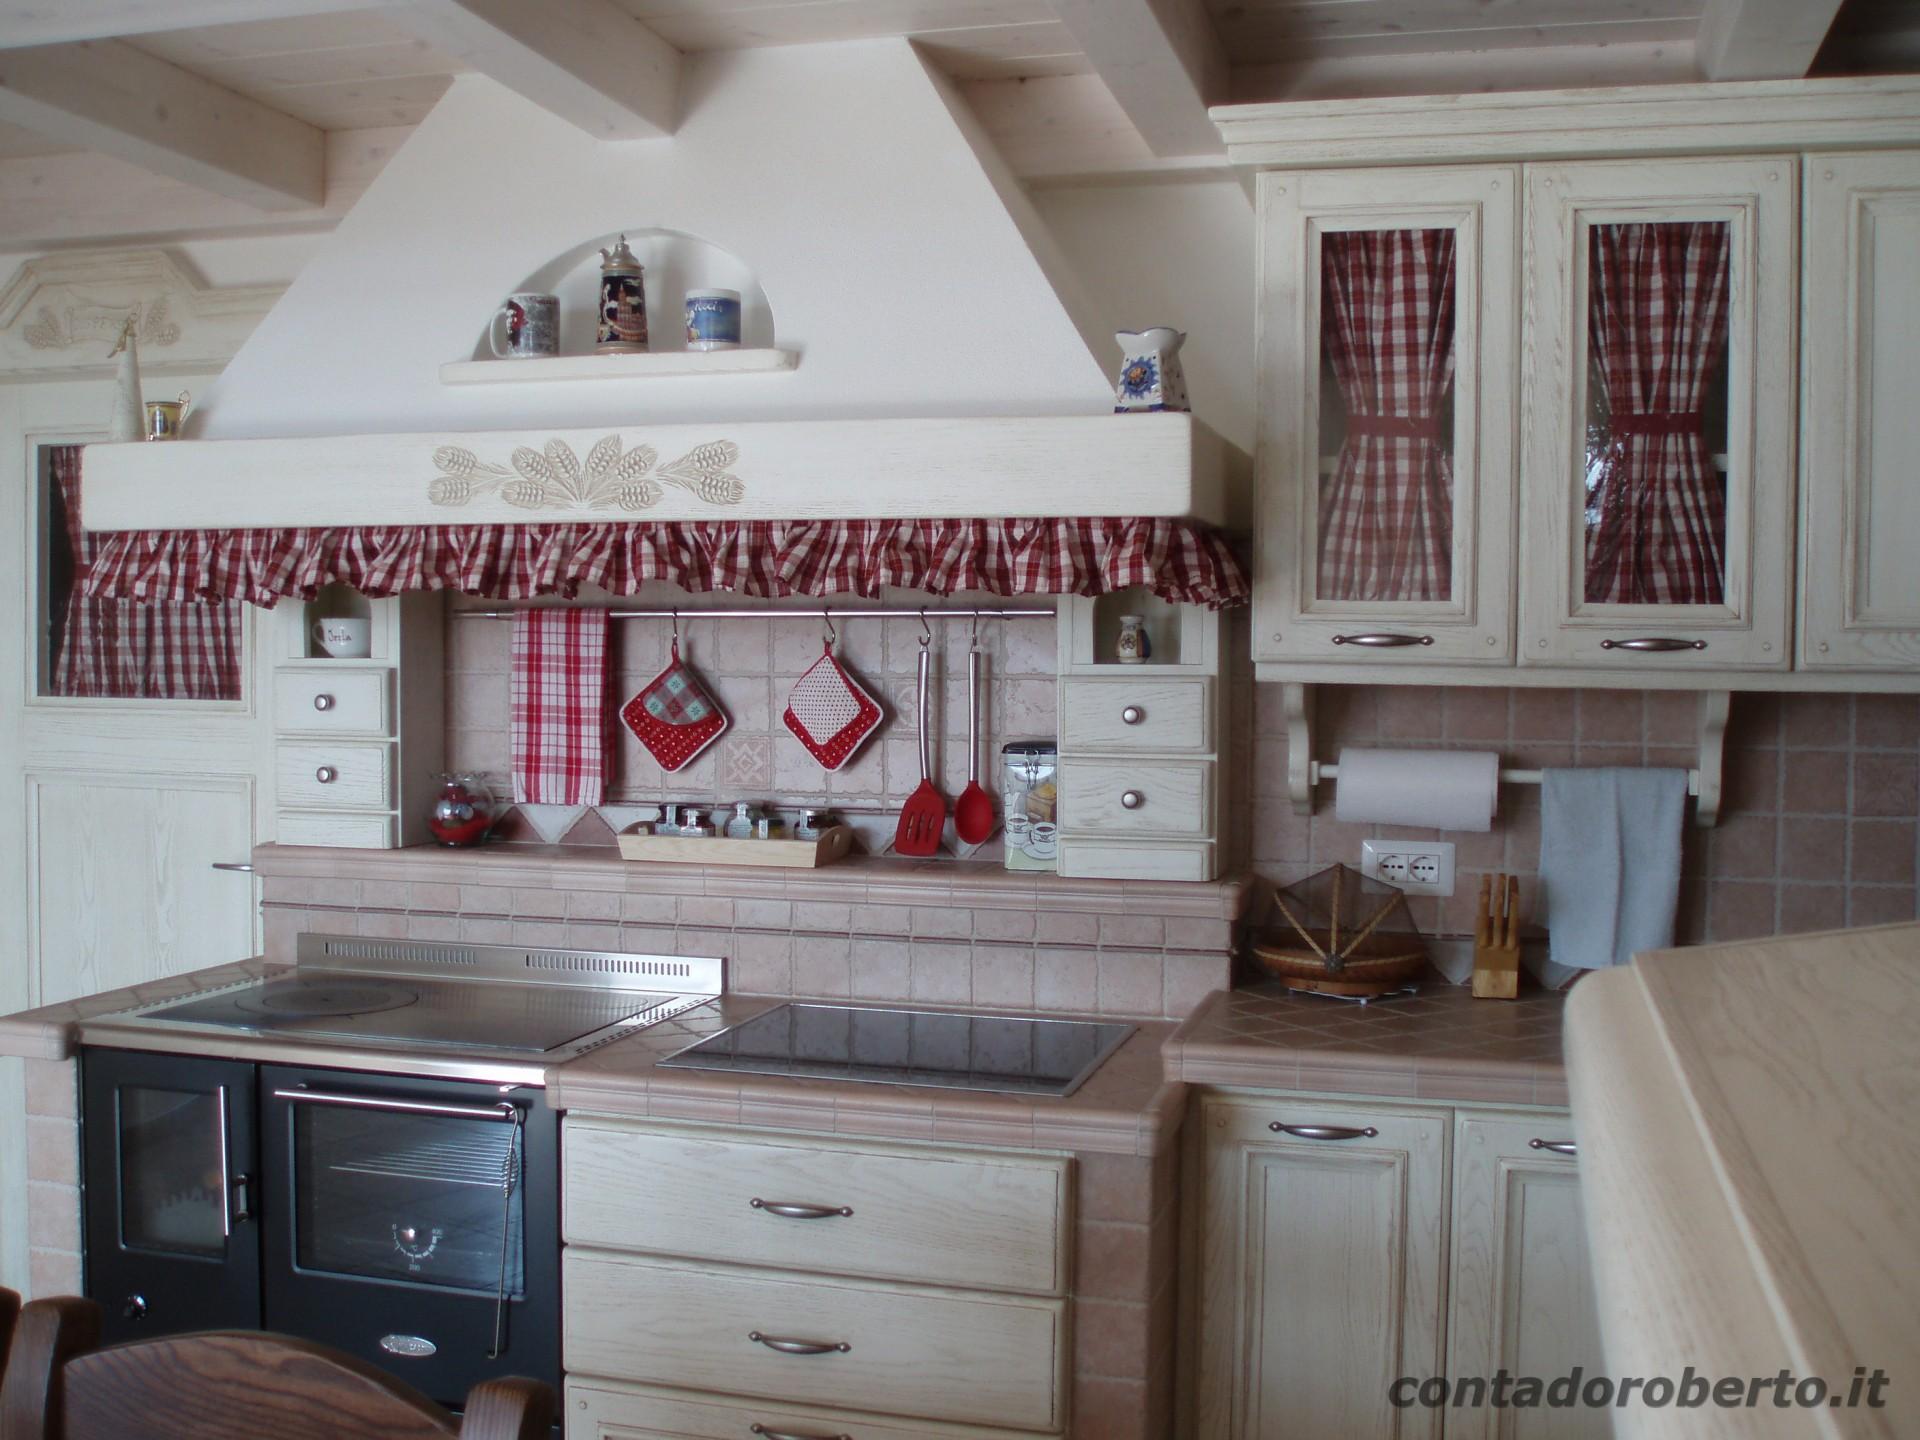 Angolo Cottura In Muratura : Cucina in muratura sotto soppalco contado roberto group cucine